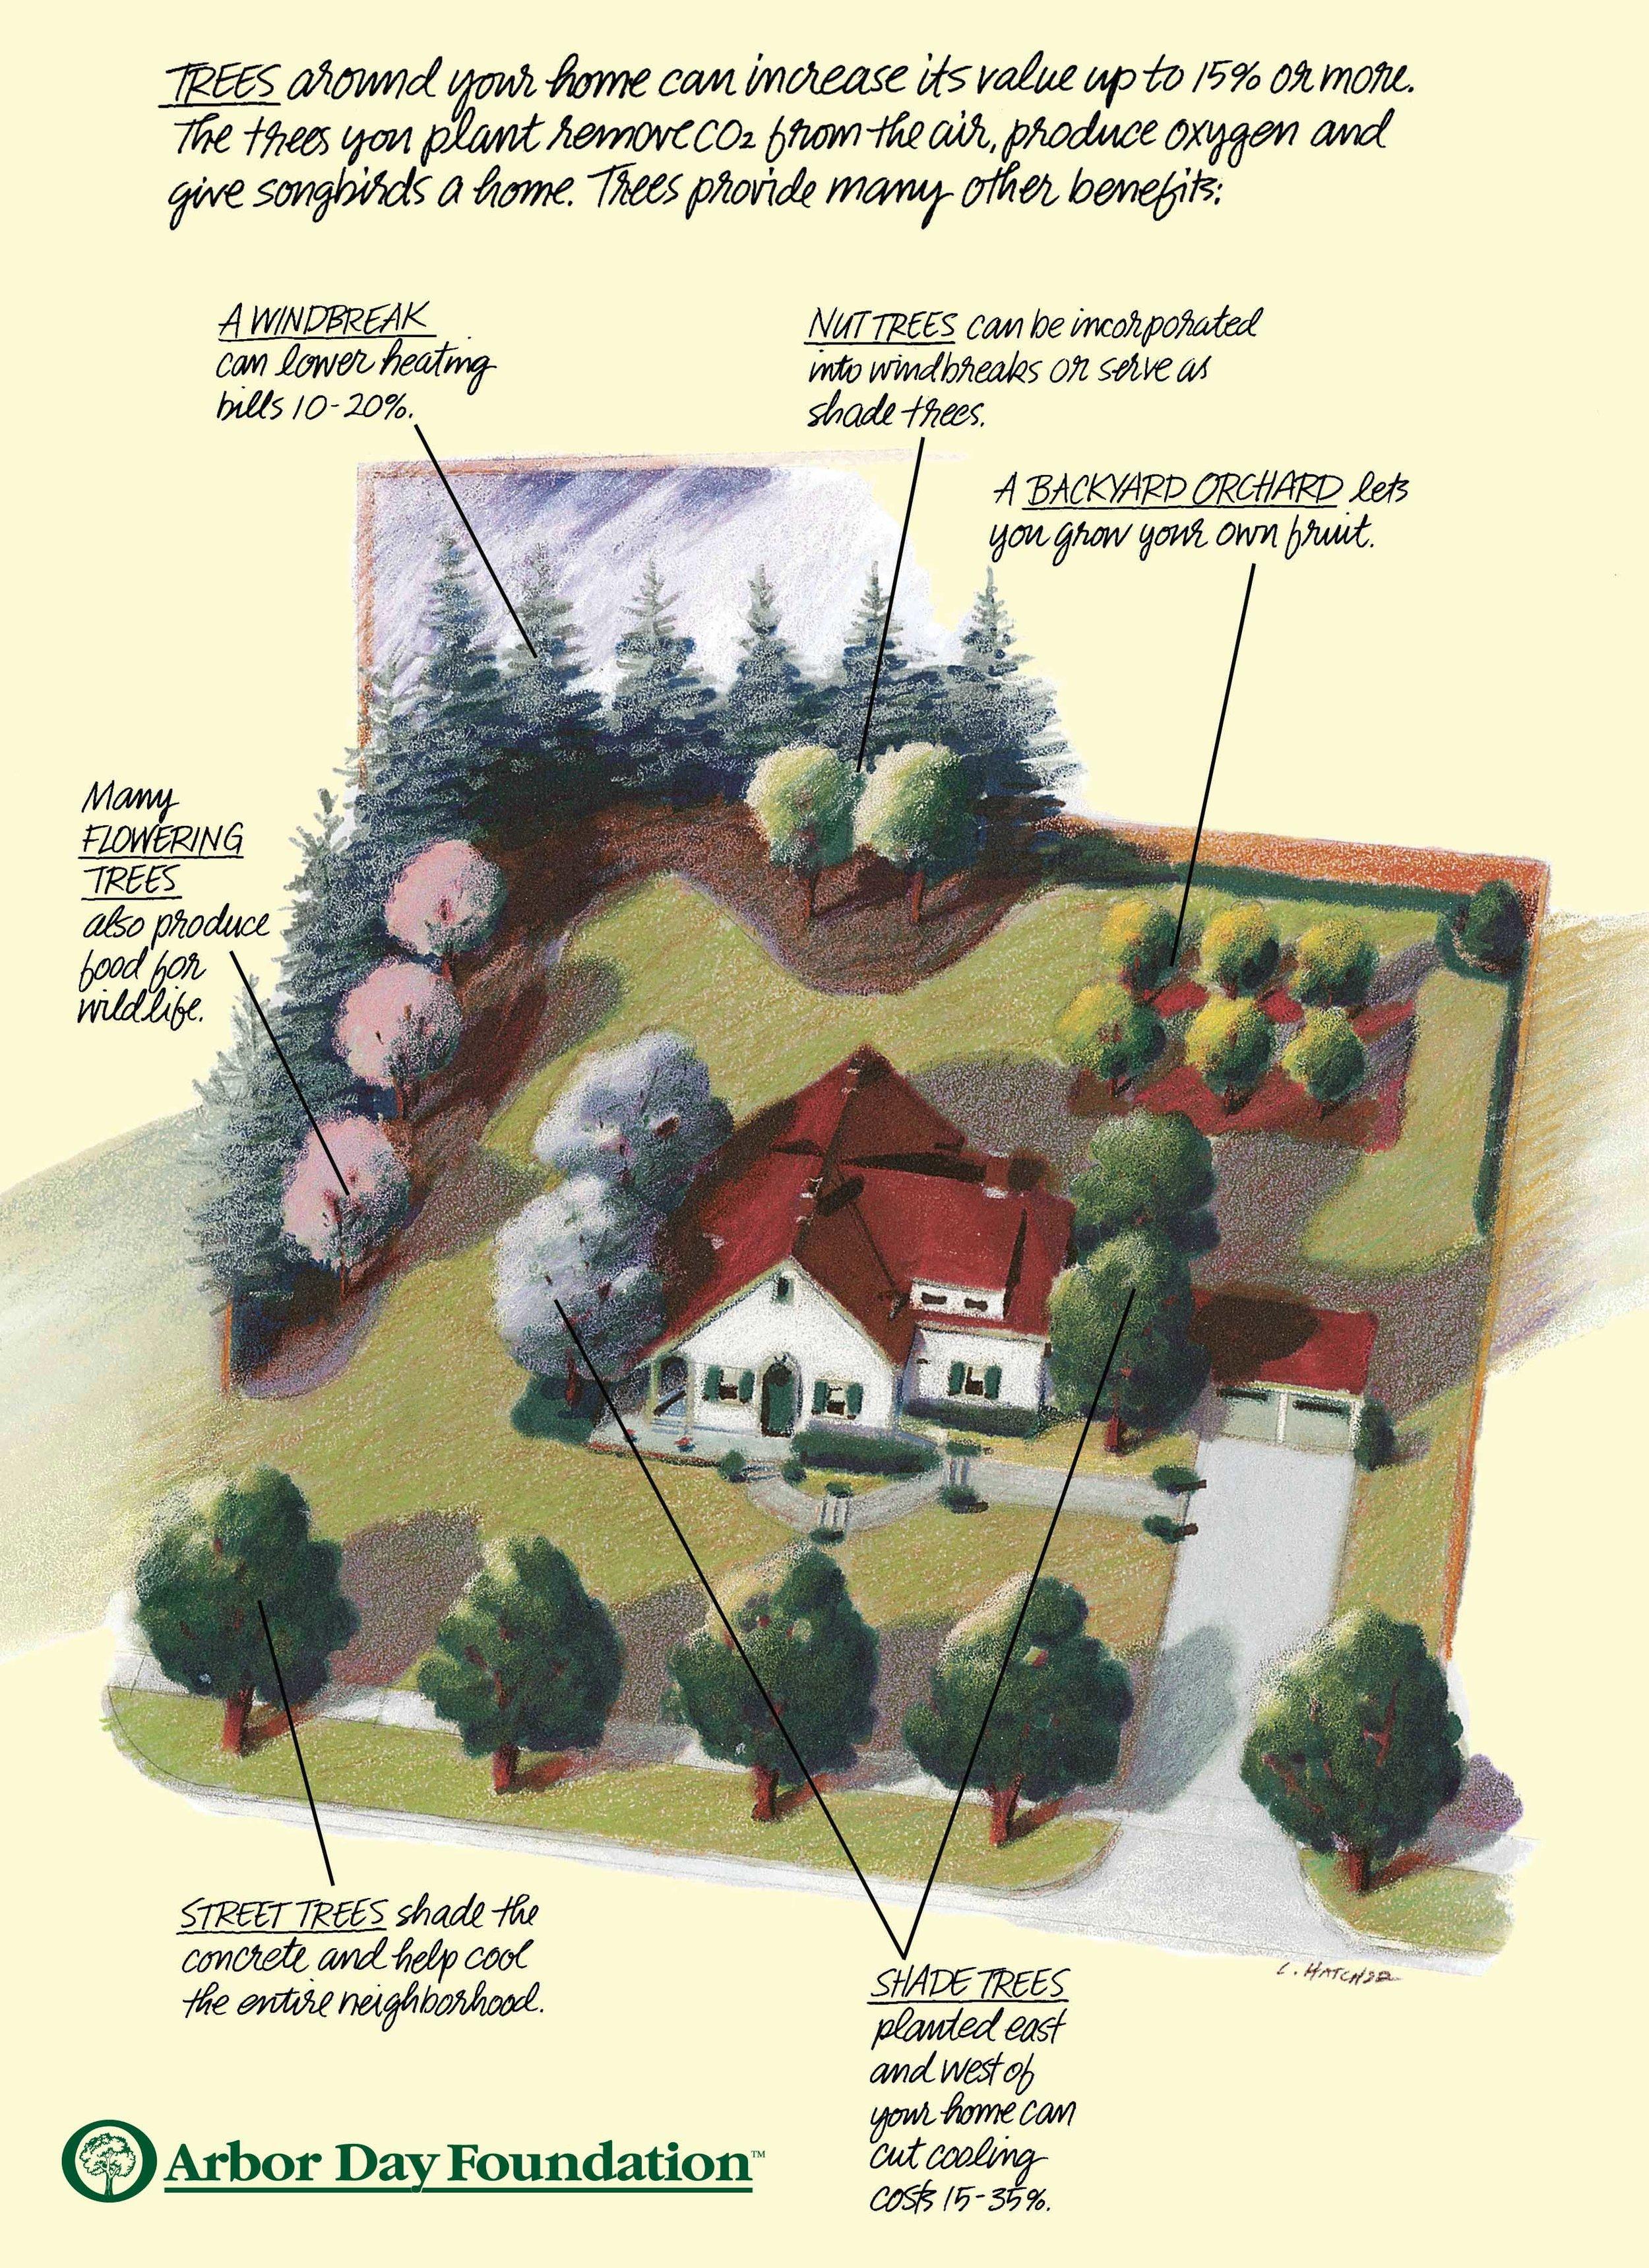 Image courtesy of Arbor Day Foundation